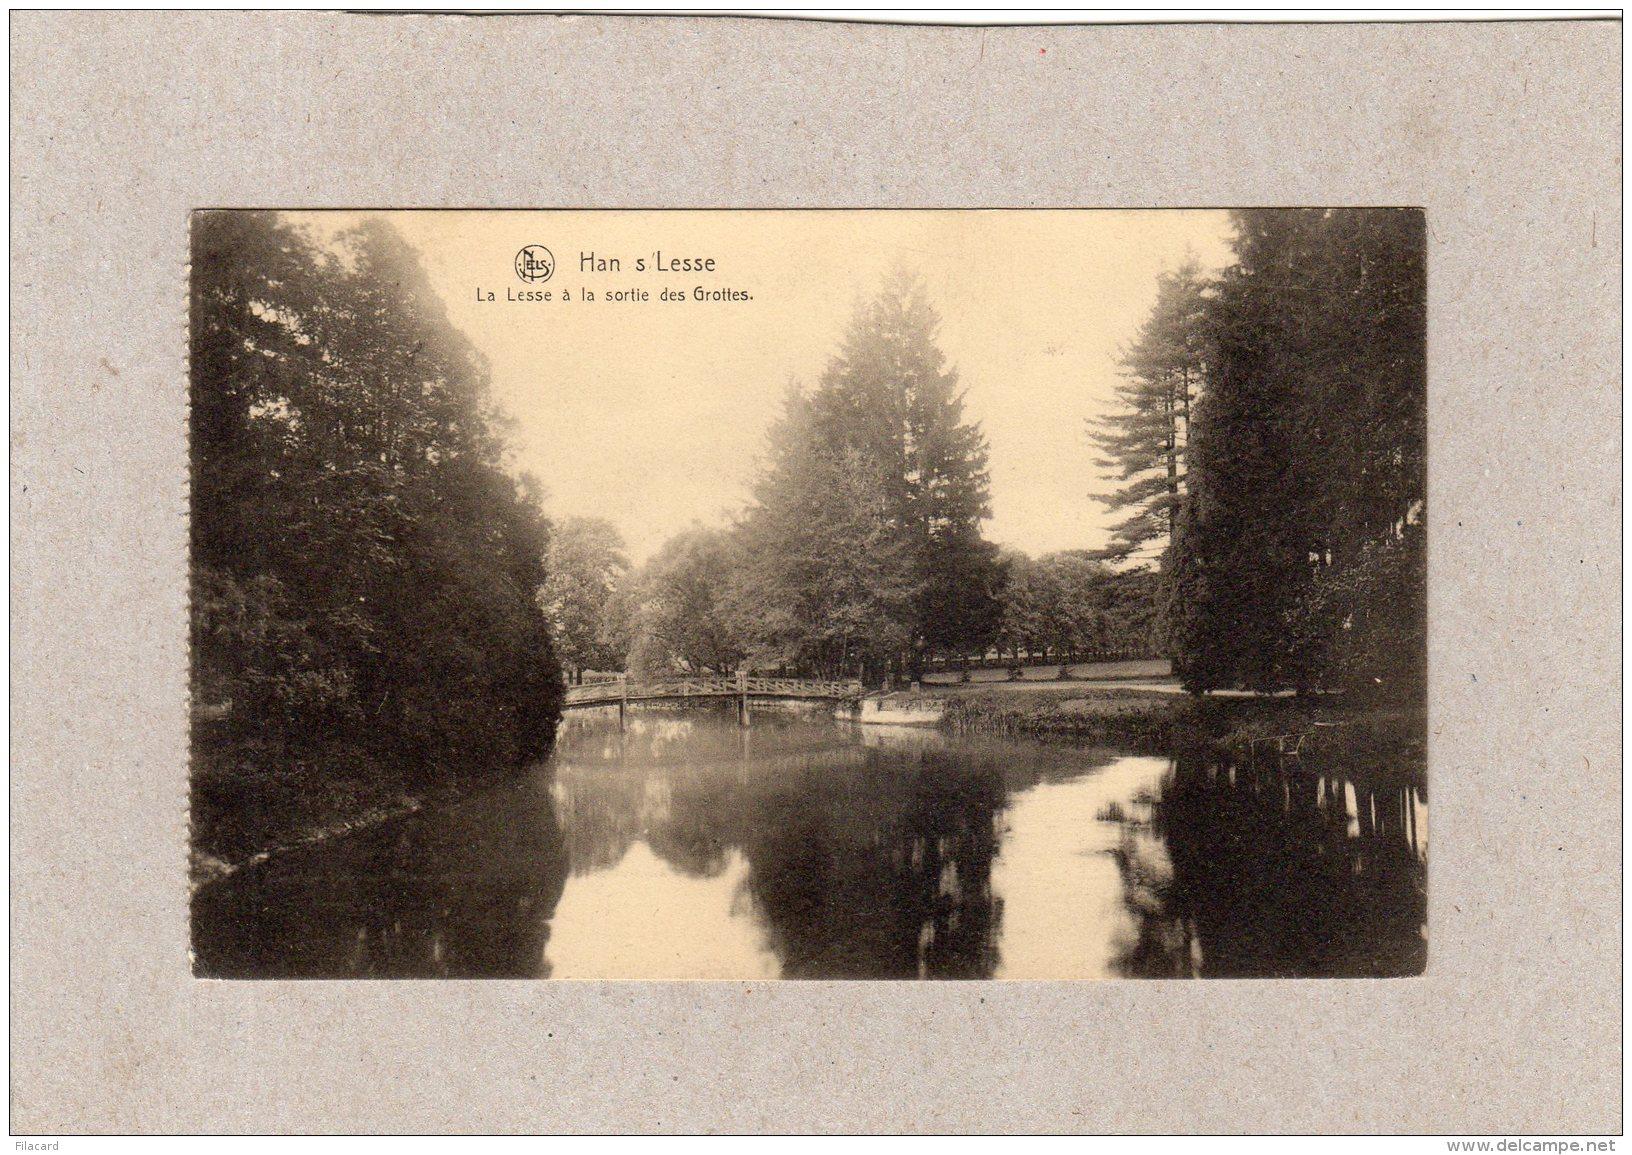 62980   Belgio,  Han S/Lesse,  La  Lesse A La Sortie Des Grottes,  VG  1922 - Rochefort